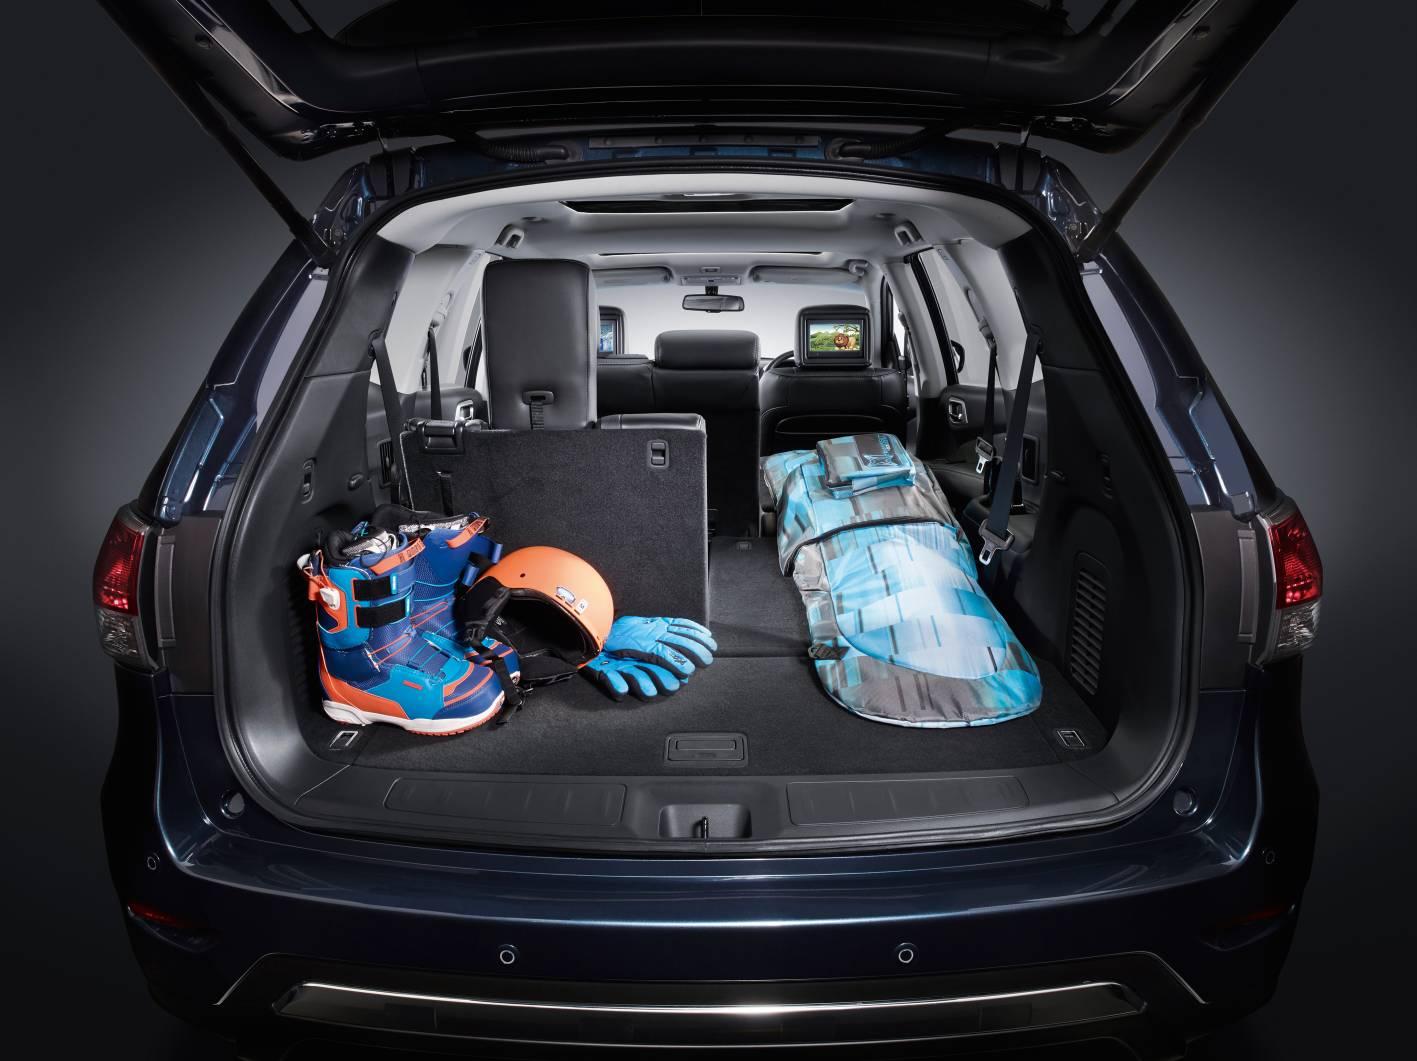 2014 Nissan Pathfinder 15.jpg